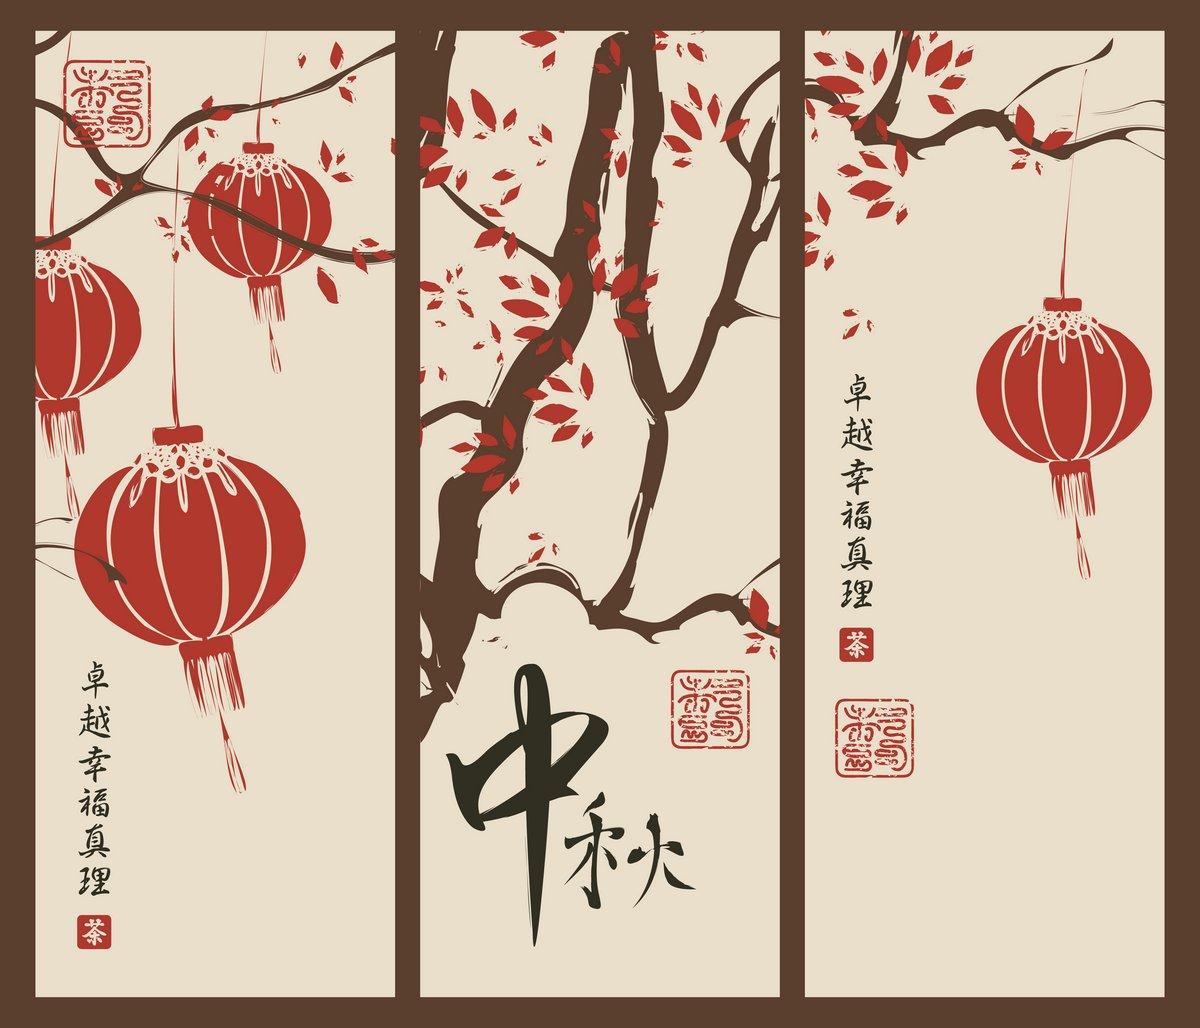 Постер-картина Иероглифы Вектор осенний пейзаж с деревьями и фонарями в китайском стиле акварели. Иероглиф Совершенство, Счастье, Правда, ОсеньИероглифы<br>Постер на холсте или бумаге. Любого нужного вам размера. В раме или без. Подвес в комплекте. Трехслойная надежная упаковка. Доставим в любую точку России. Вам осталось только повесить картину на стену!<br>